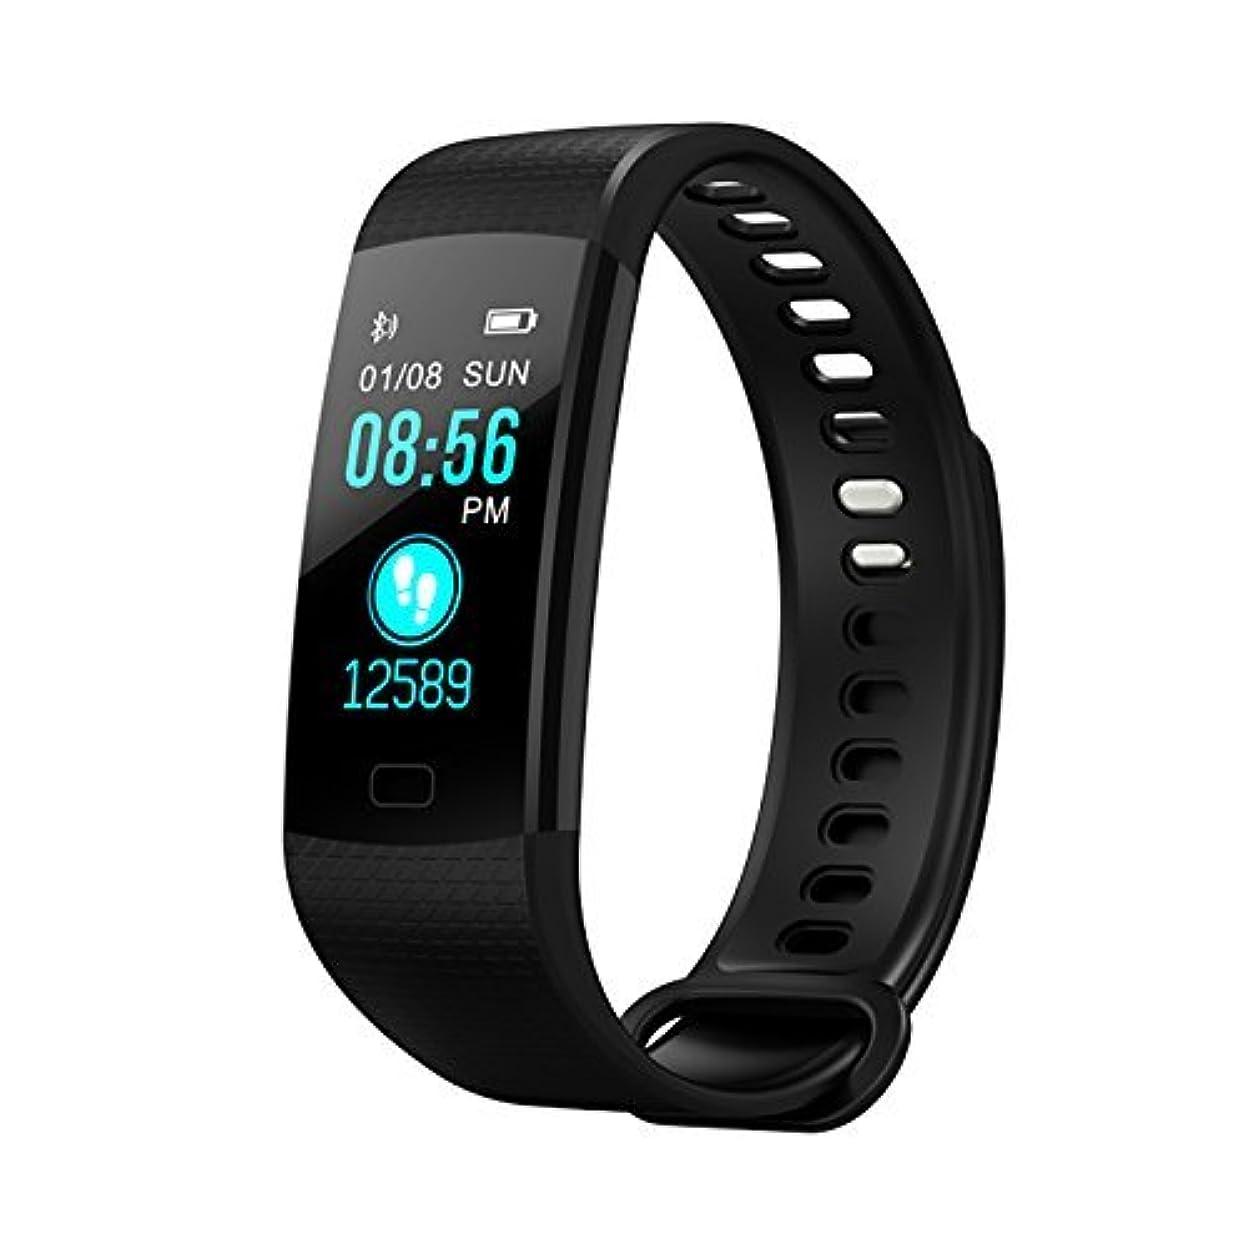 ダイアクリティカルシート耐えるFitness tracker、カラー画面スマートブレスレット、yimikyスマート防水時計血圧ハートレートモニター、フィットネストラッカー、歩数計の女性/メンズ/ kids- ブラック